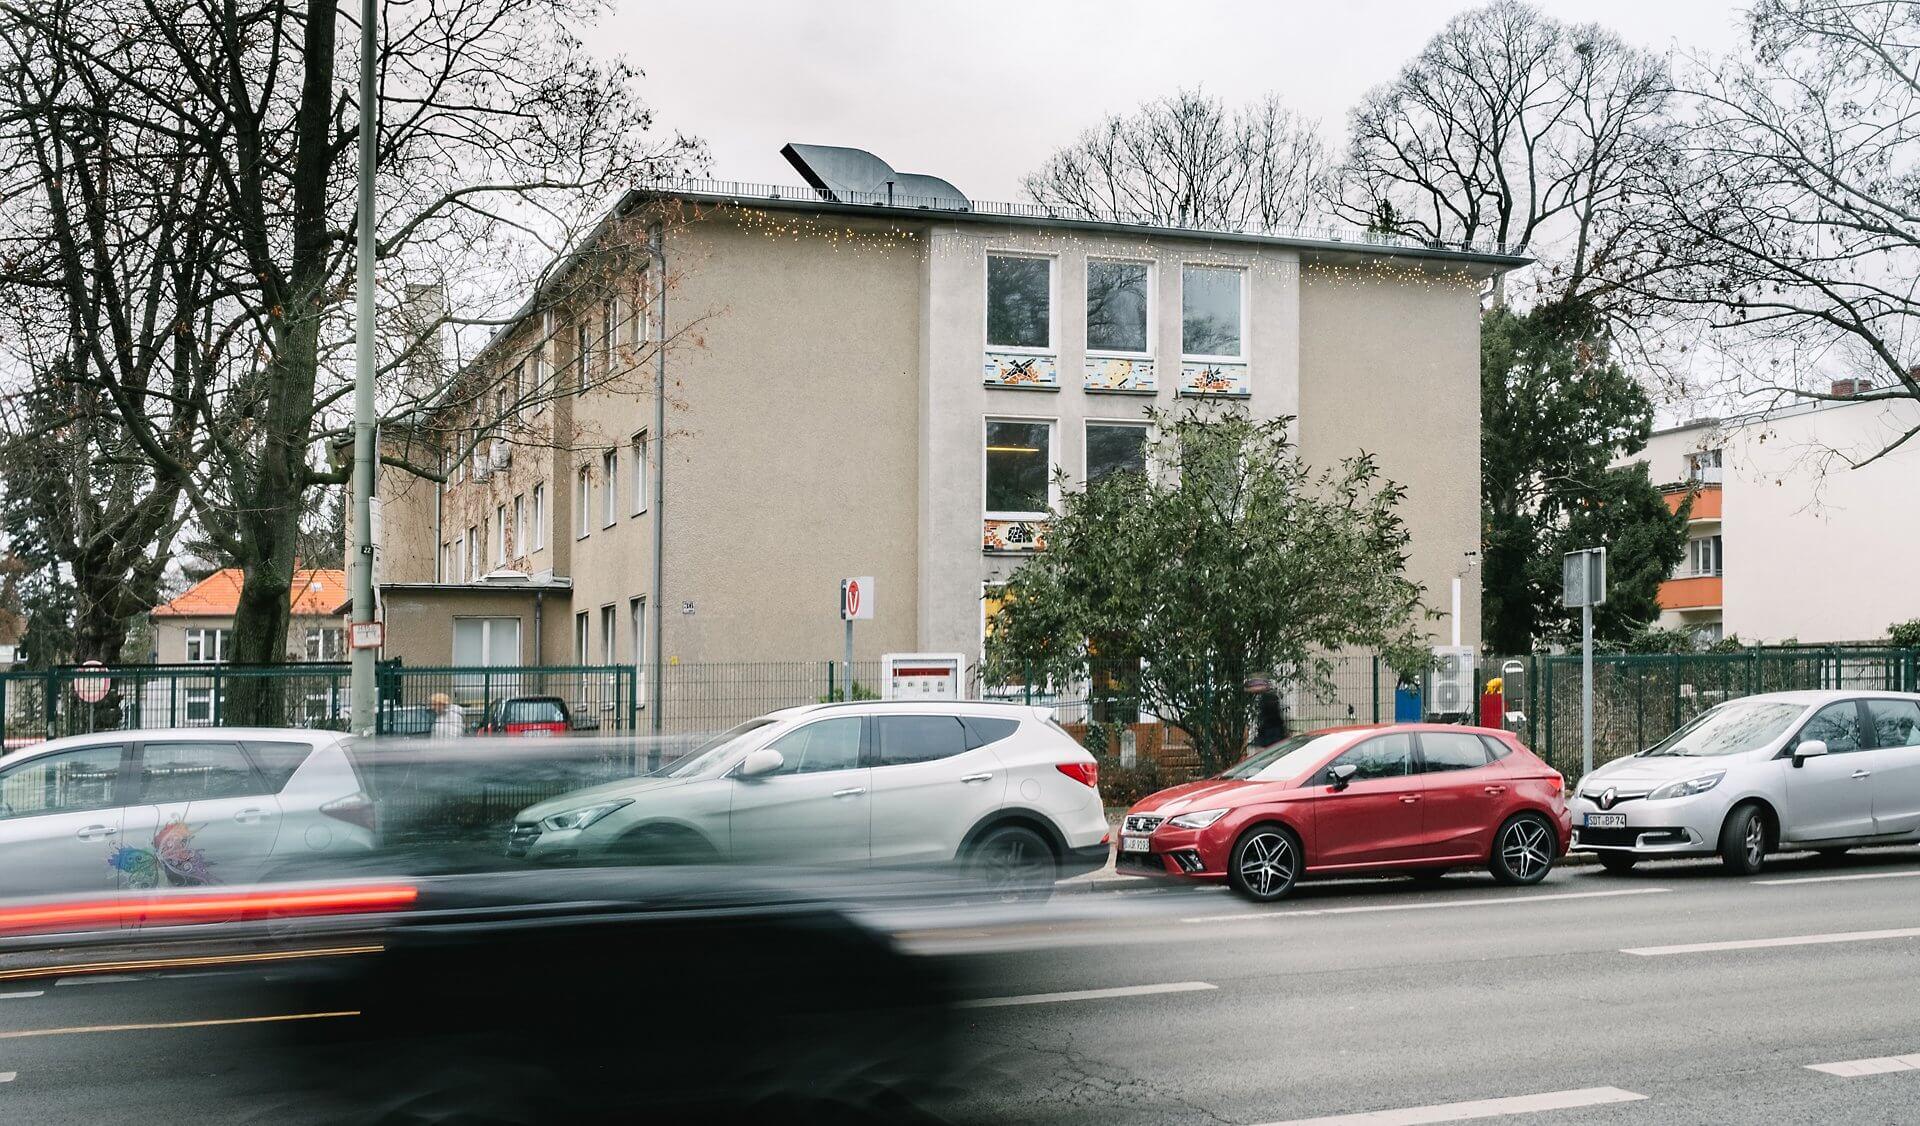 Tierarztpraxis Dr. Sörensen GmbH, Königsberger Str. 36, 12207 Berlin-Lichterfelde